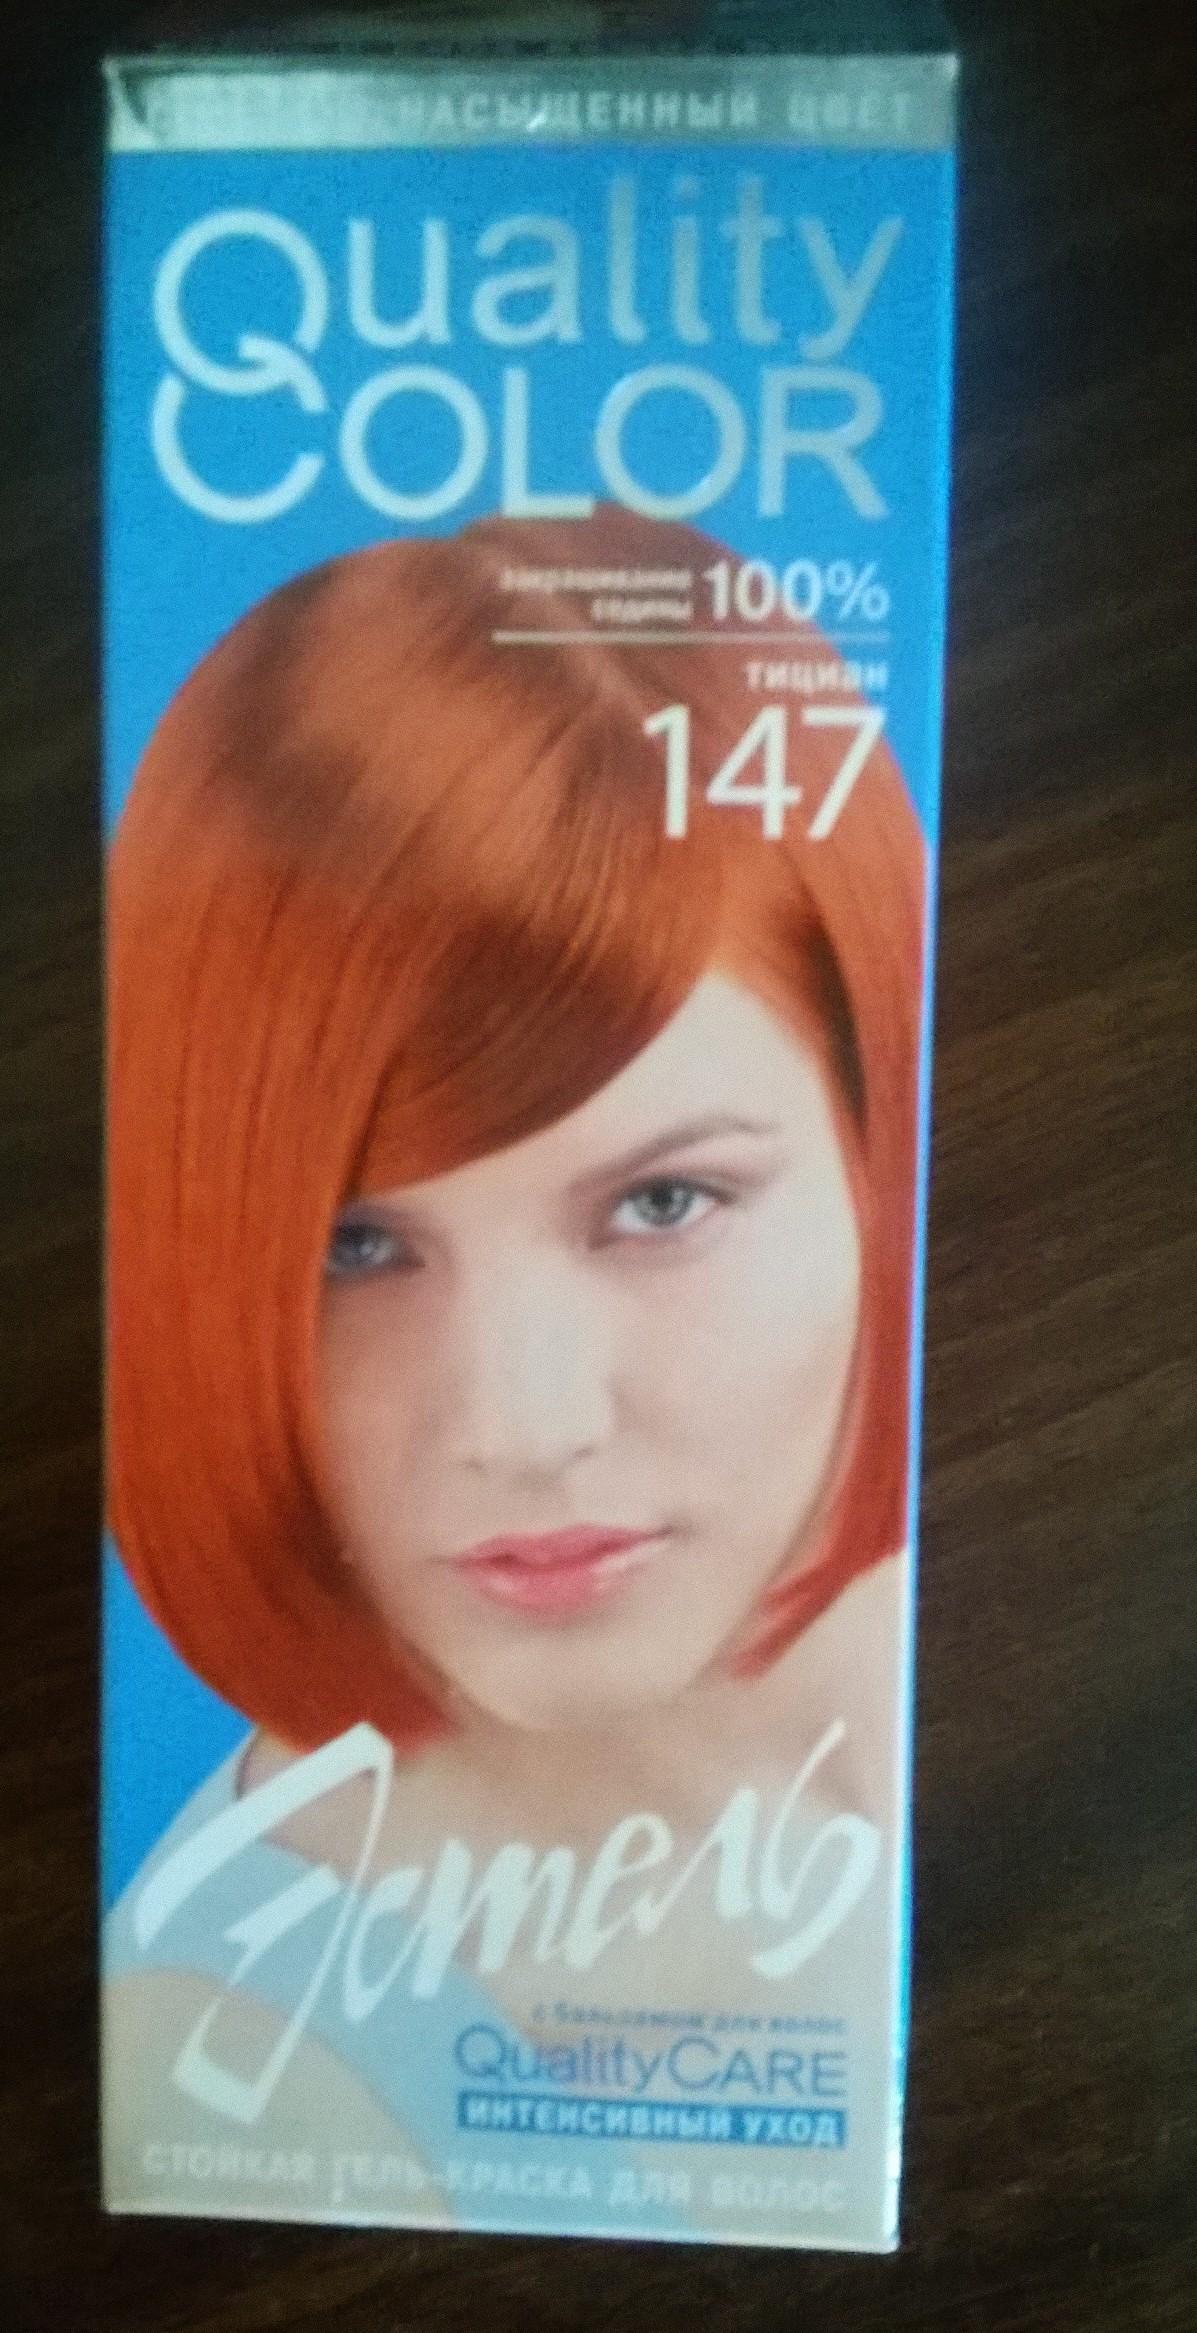 Краска для волос куалити колор